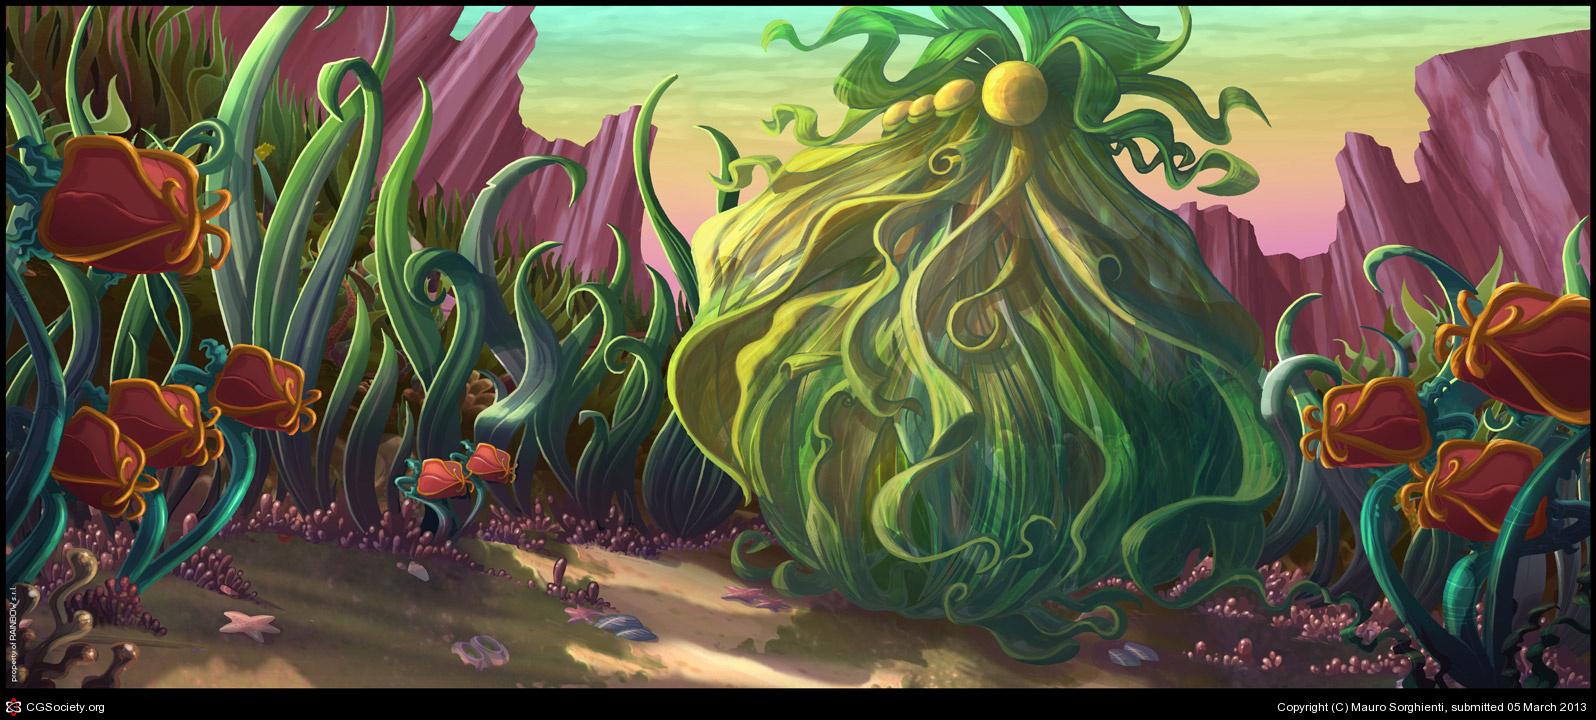 Винкс подводный мир картинки